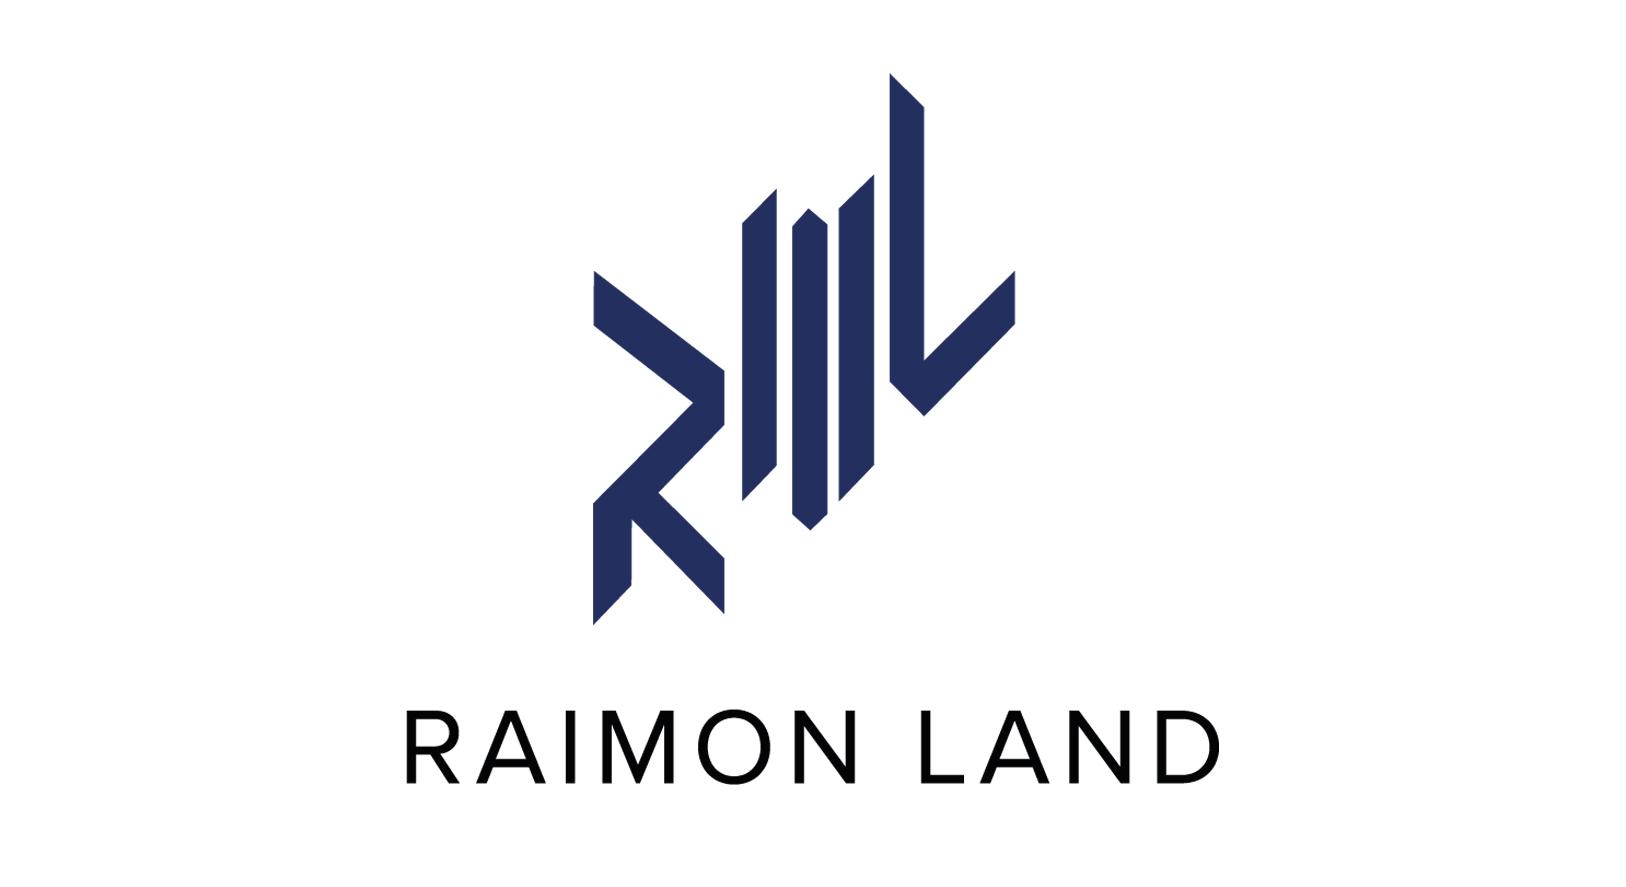 RMLประกาศรีแบรนด์โลโก้ใหม่ รุกขยายฐานลูกค้าทุกGeneration | Prop2Morrow บ้าน คอนโด ข่าวอสังหาฯ